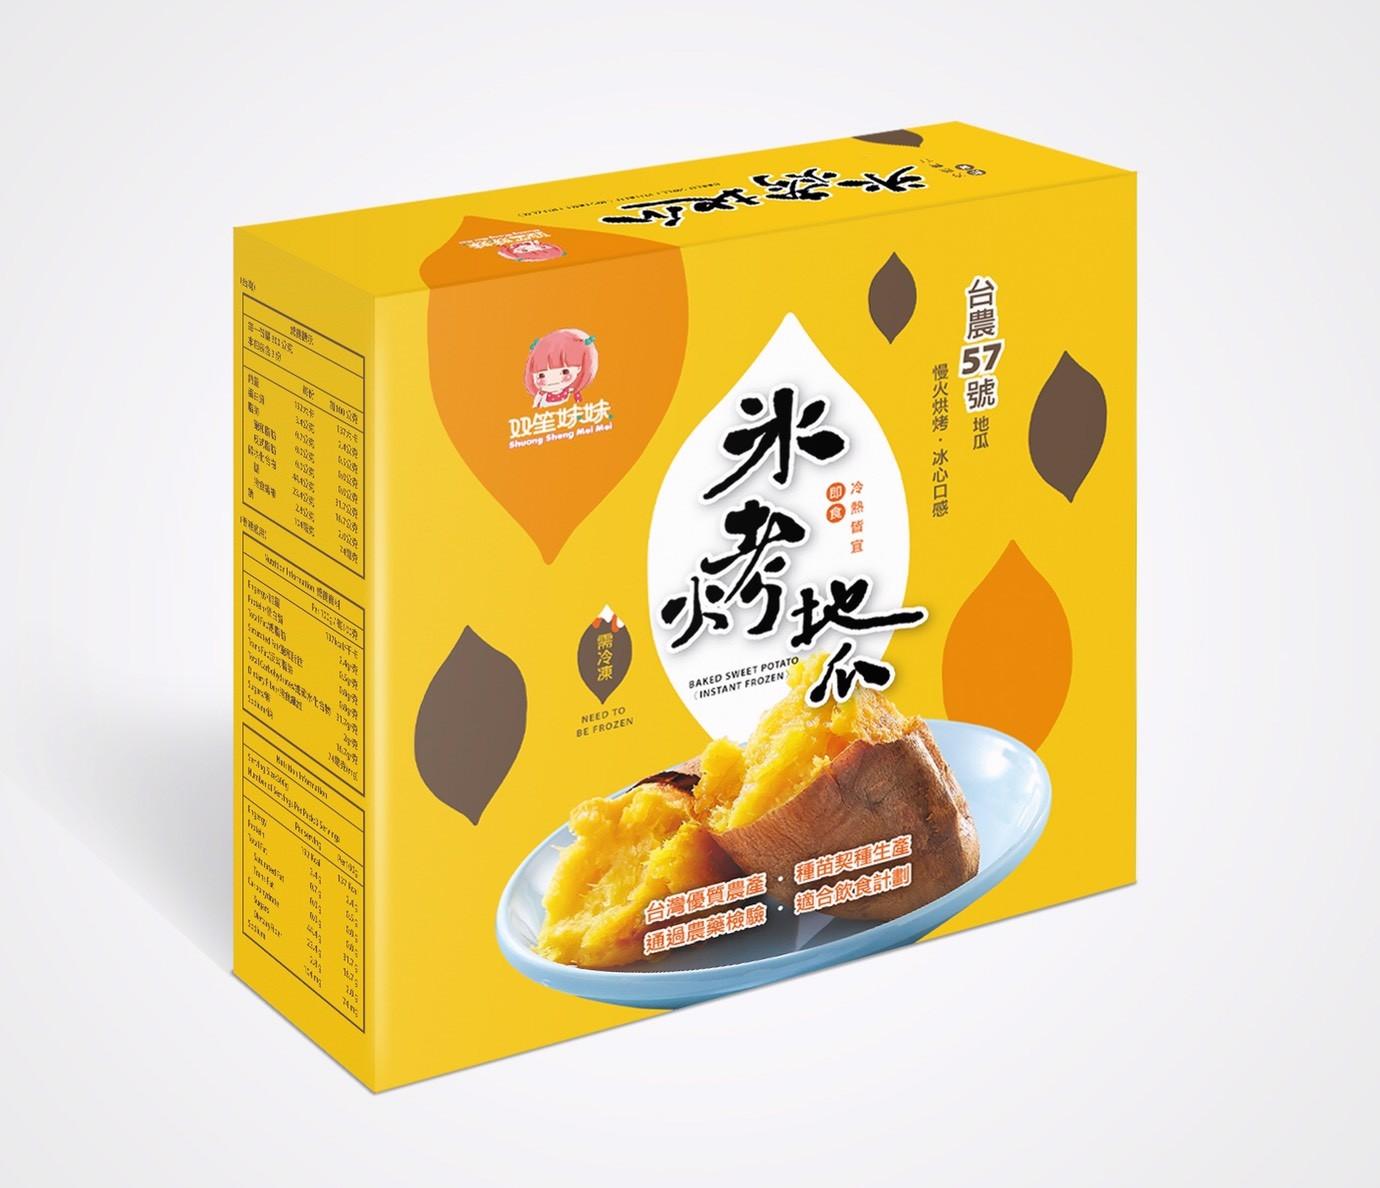 【雙笙妹妹】冰烤地瓜5盒組(300G*5盒)* *(冷凍產品可貨到付款方式)-需加冷凍物流運費150元